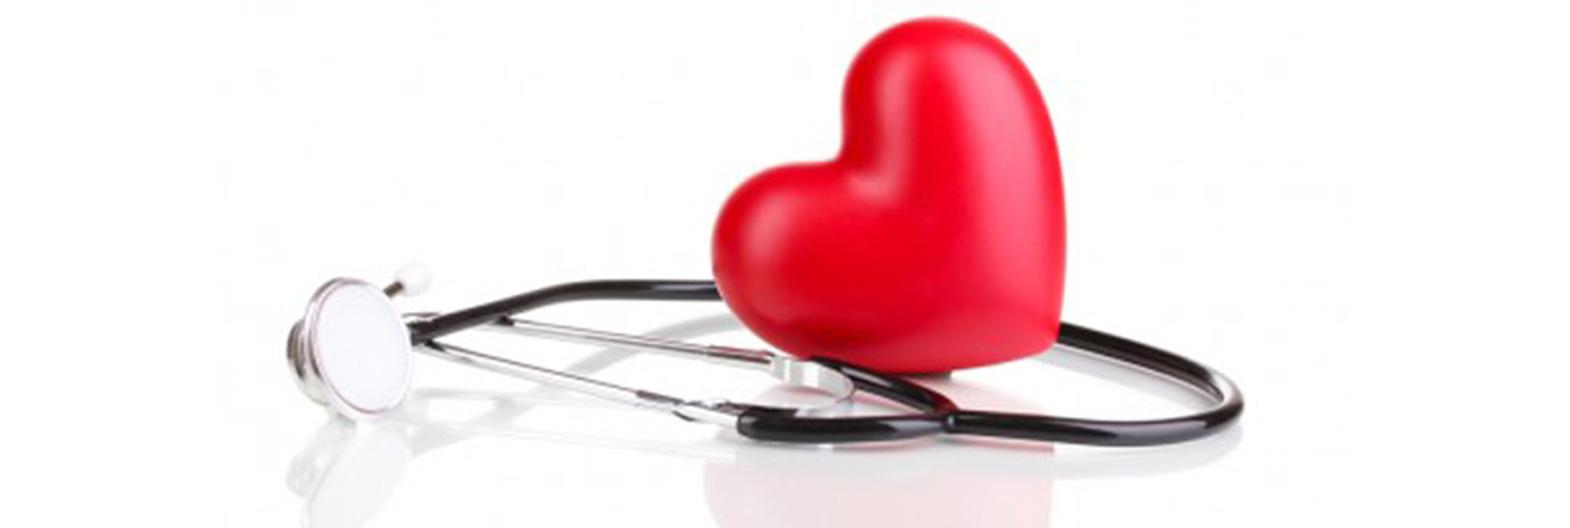 dieta sergant hipertenzija 2 laipsniai kaip hipertenziją gydyti diuretikais